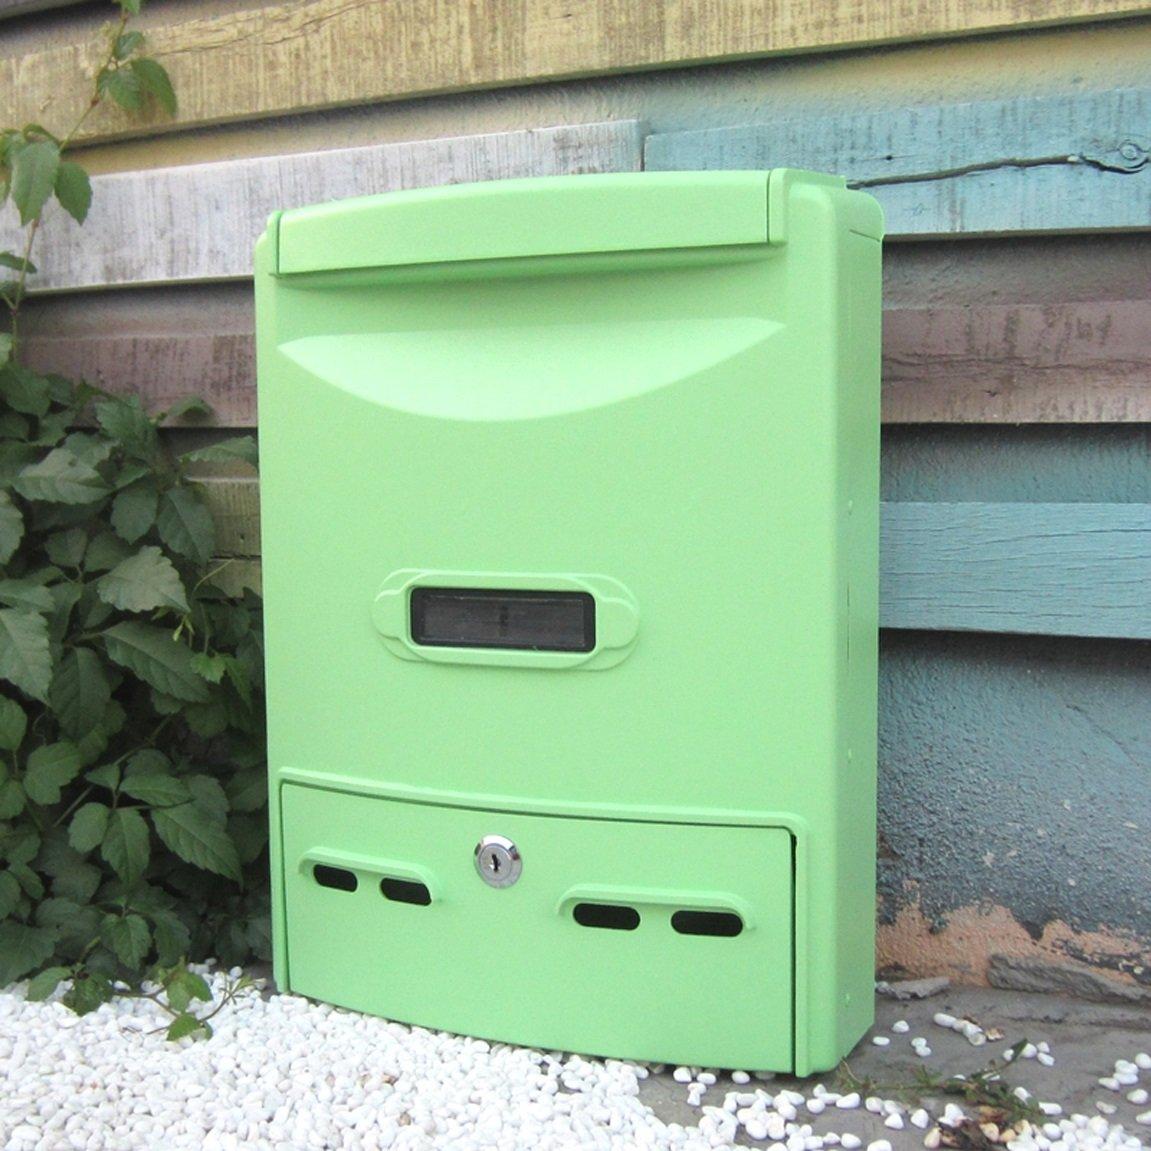 LRW ヨーロッパの郵便箱防水屋外の郵便箱の提案箱囲いの壁の収集、壁の装飾   B07HP751SH